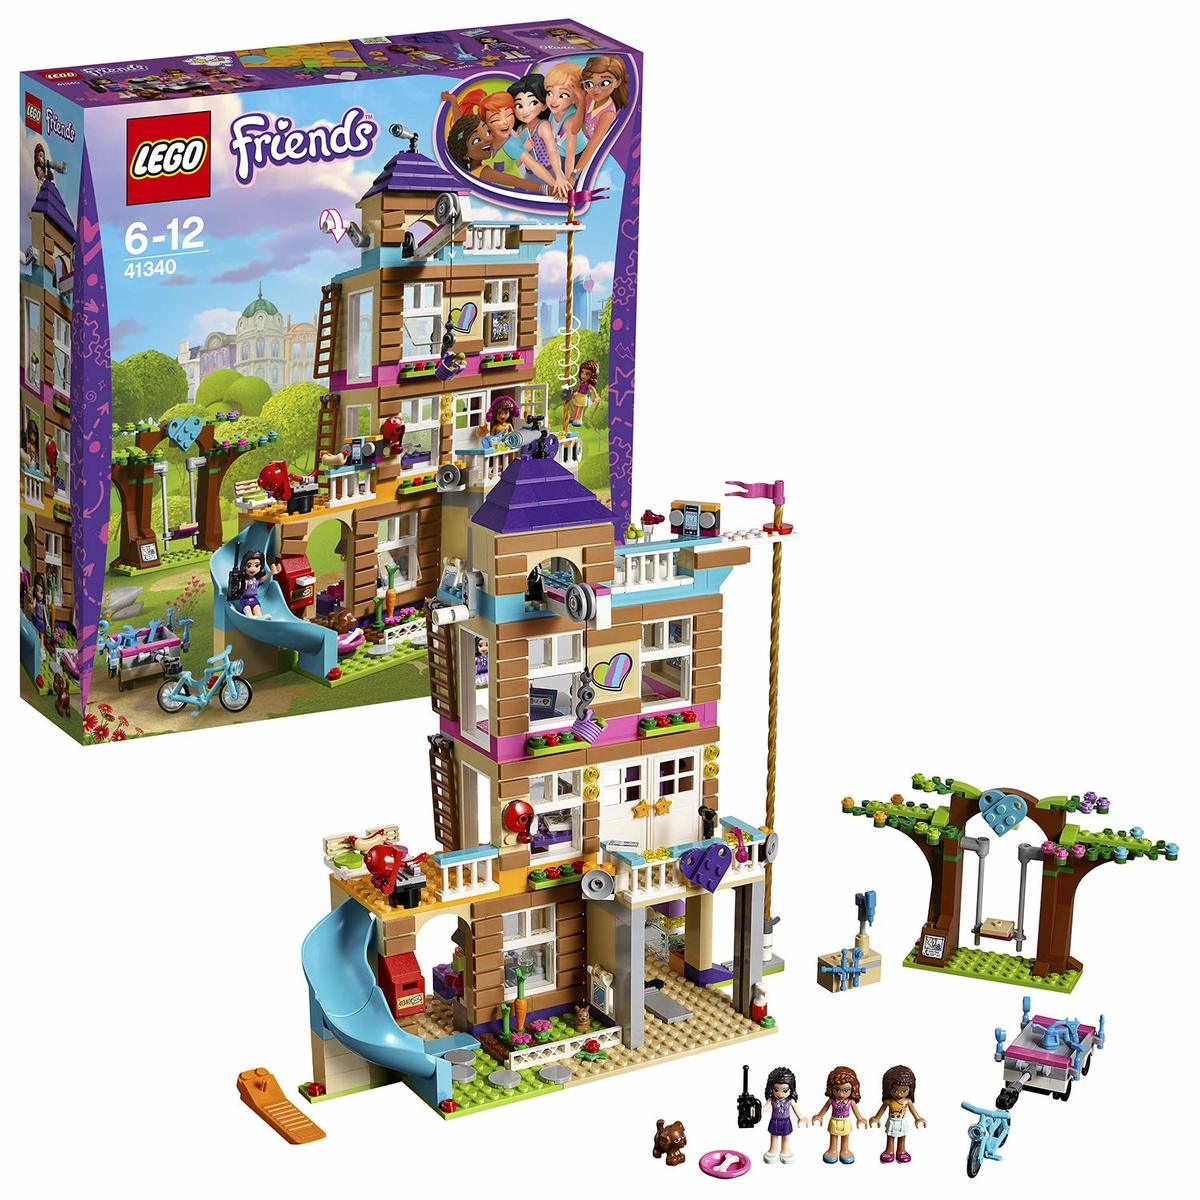 レゴ フレンズ ハウスの通販